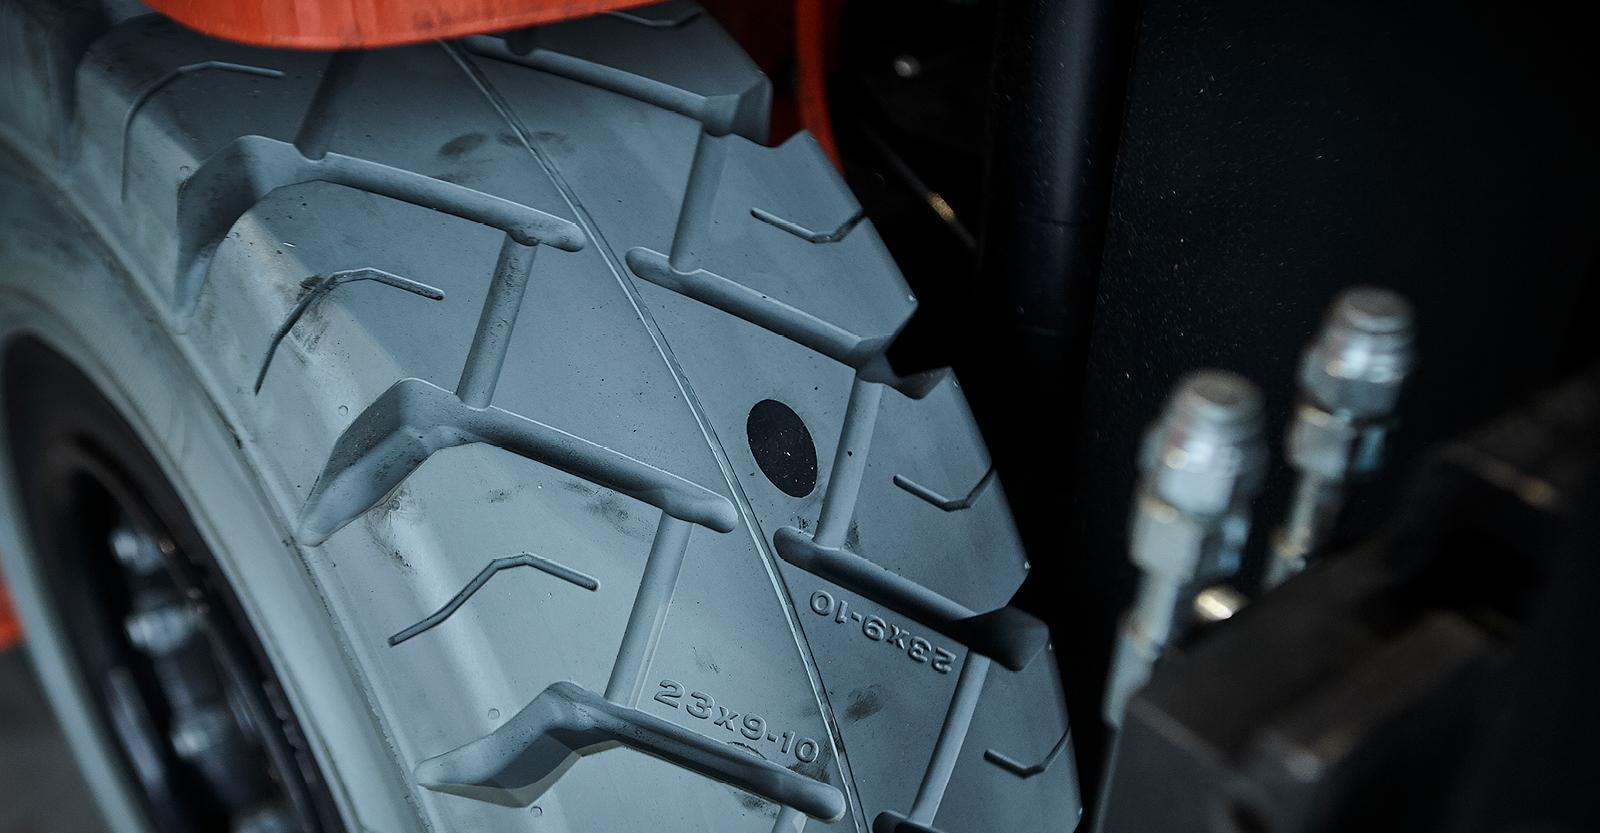 Wanneer moet ik heftruckbanden vervangen?